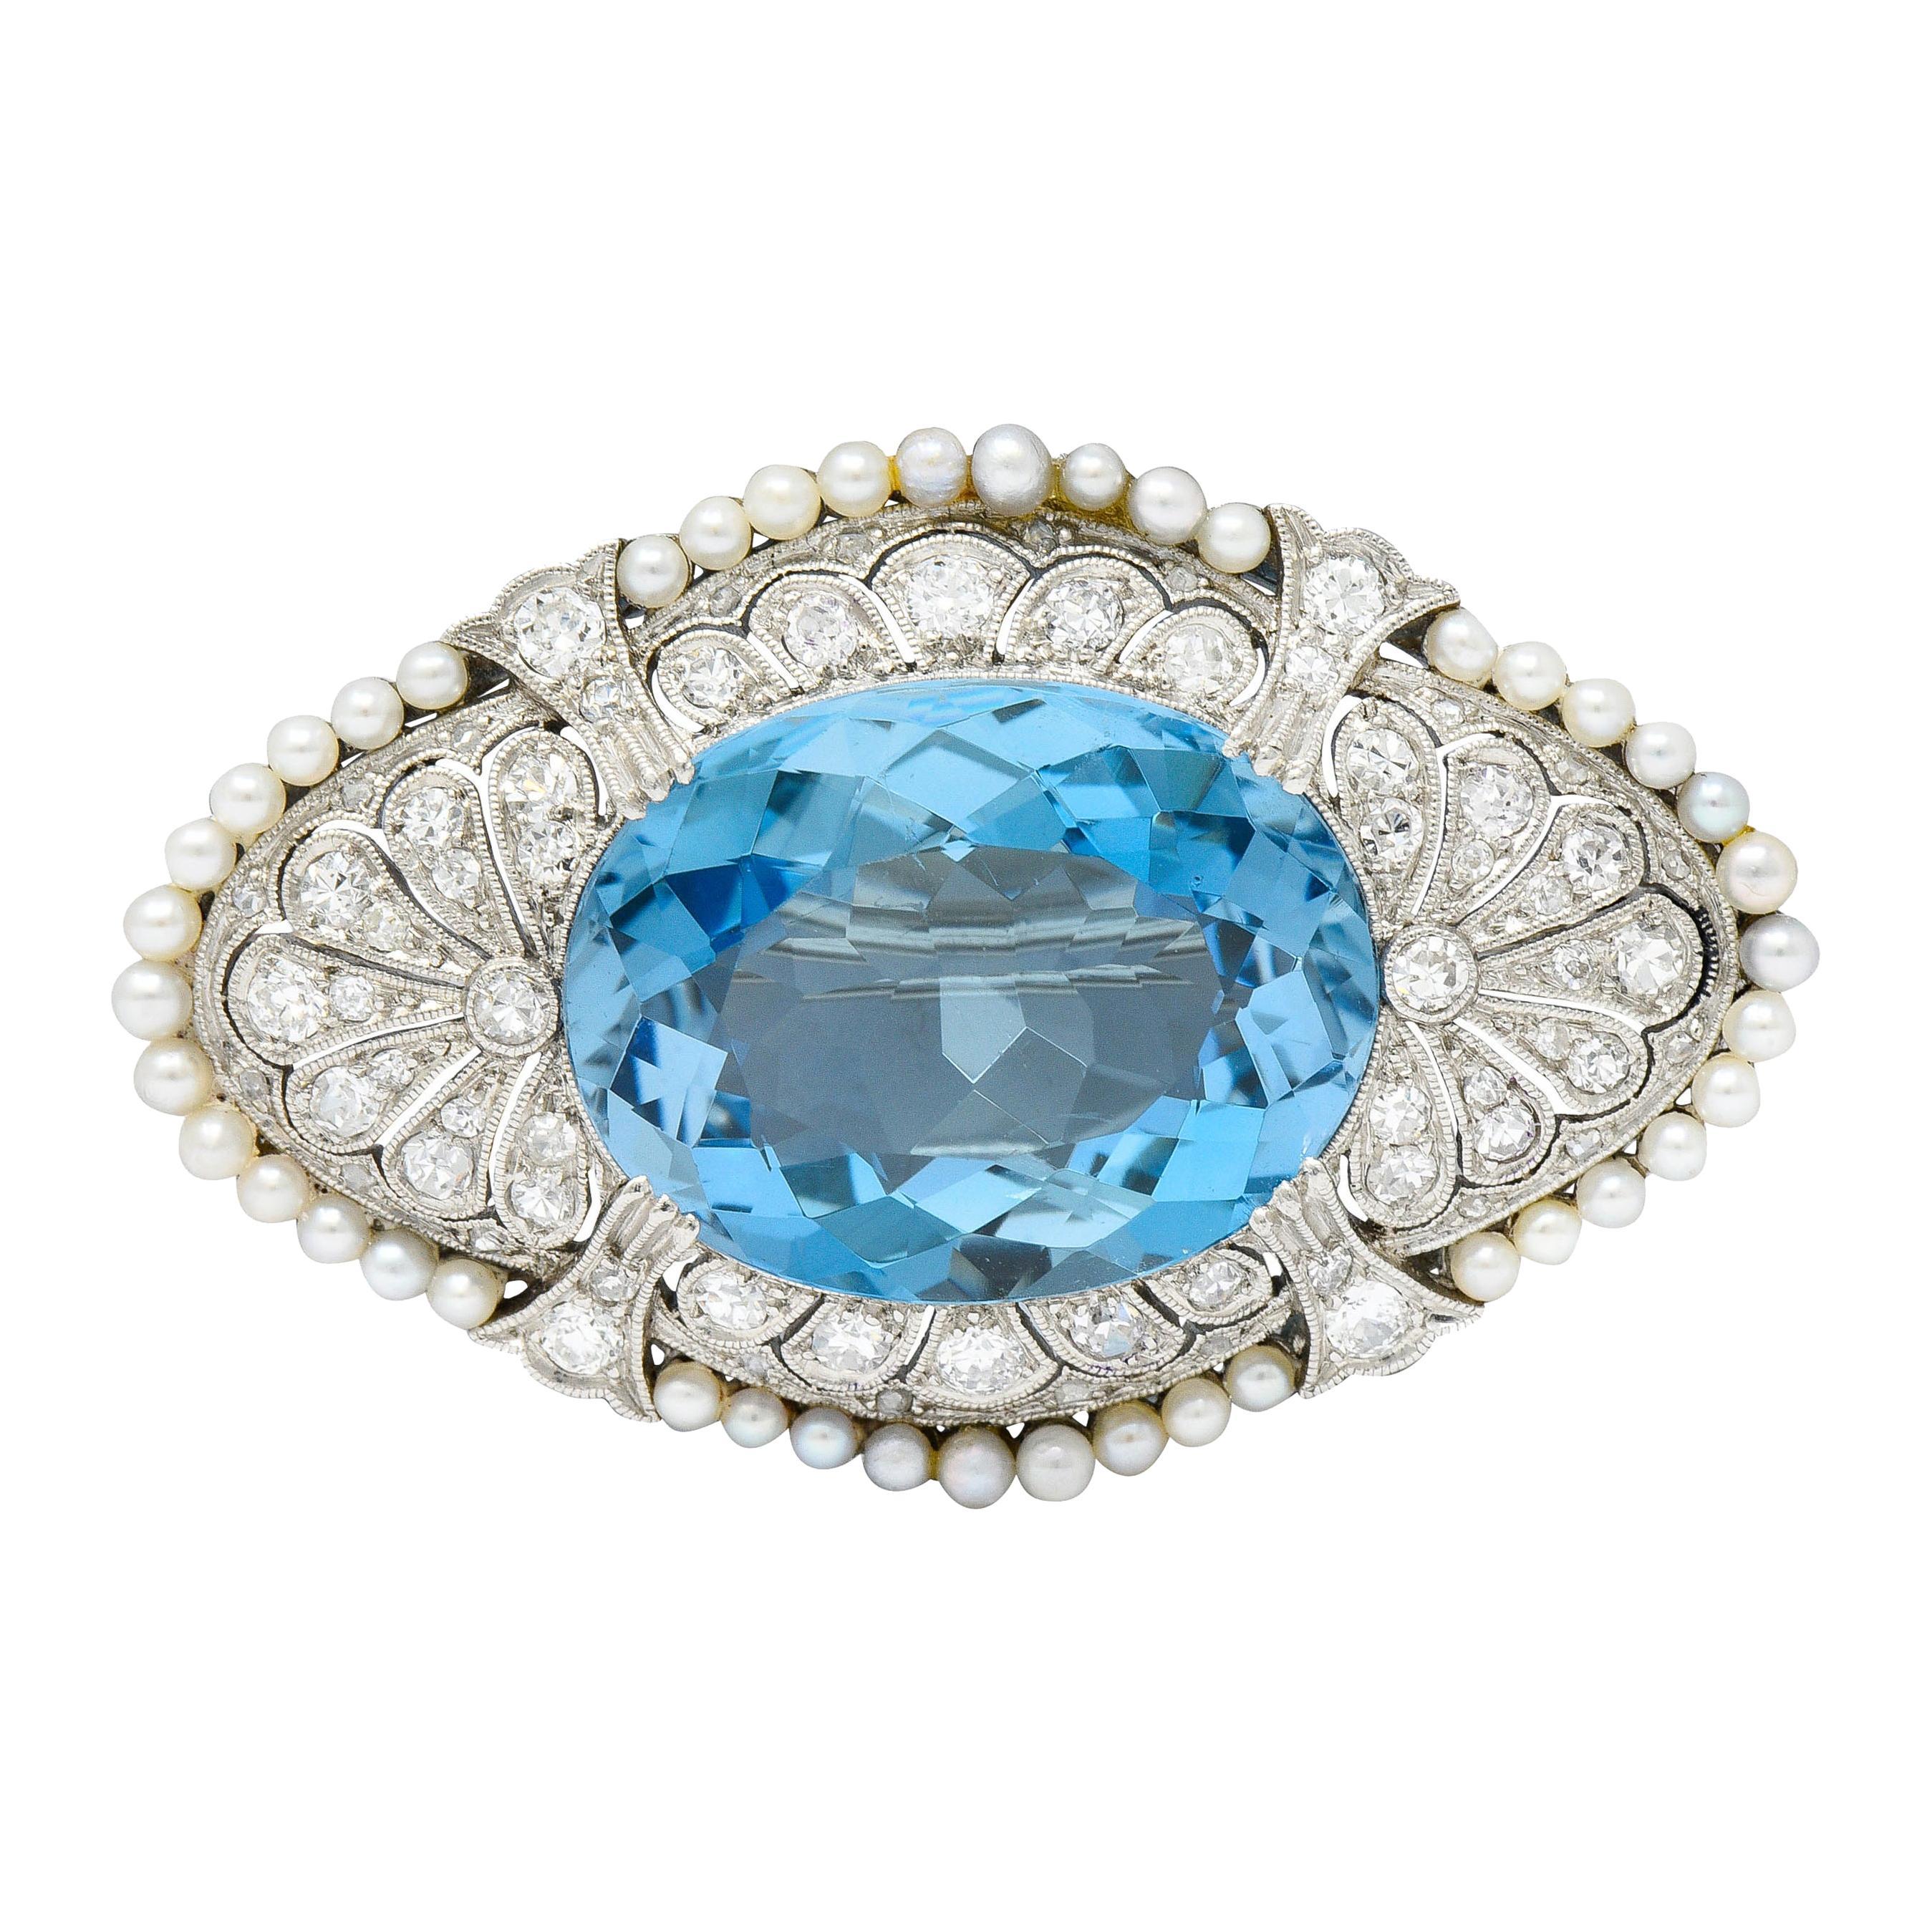 Swiss Edwardian 15.55 Carats Aquamarine Diamond Pearl Platinum Brooch